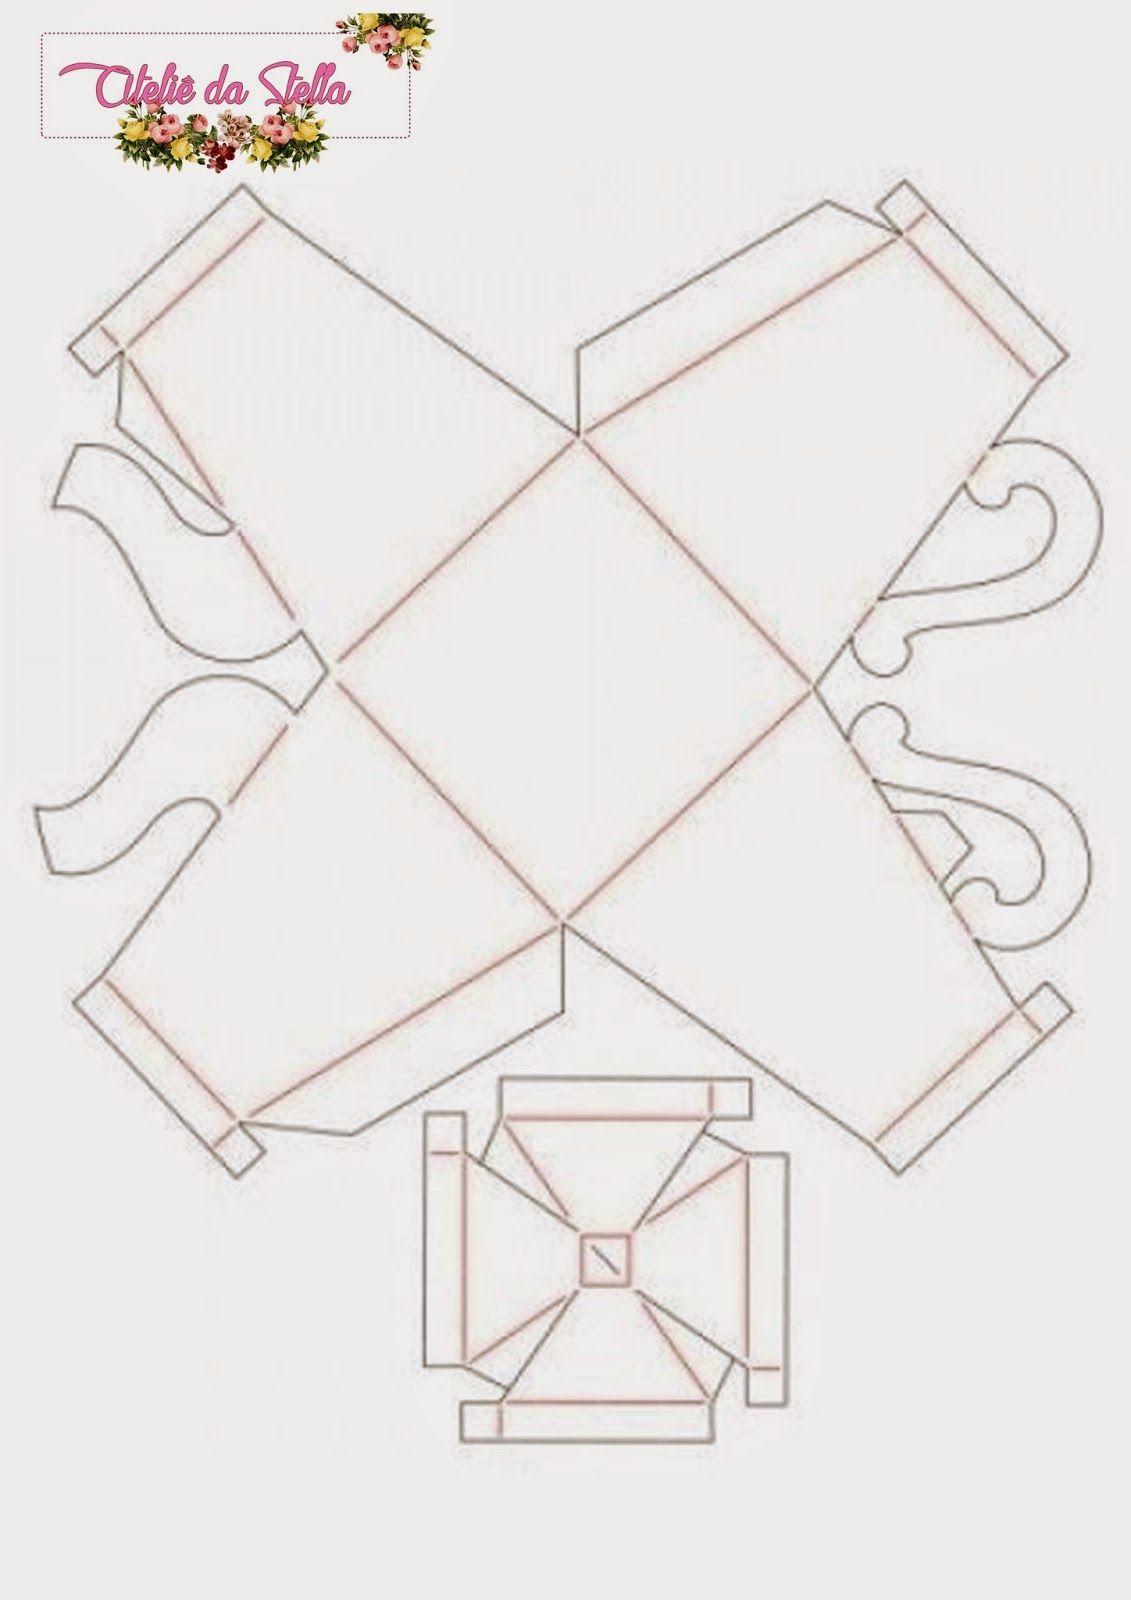 Antes de começar, veja o que você vai precisar: - Material básico para Scrapbook (base de corte, estilete, régua, dobradeira (opci...